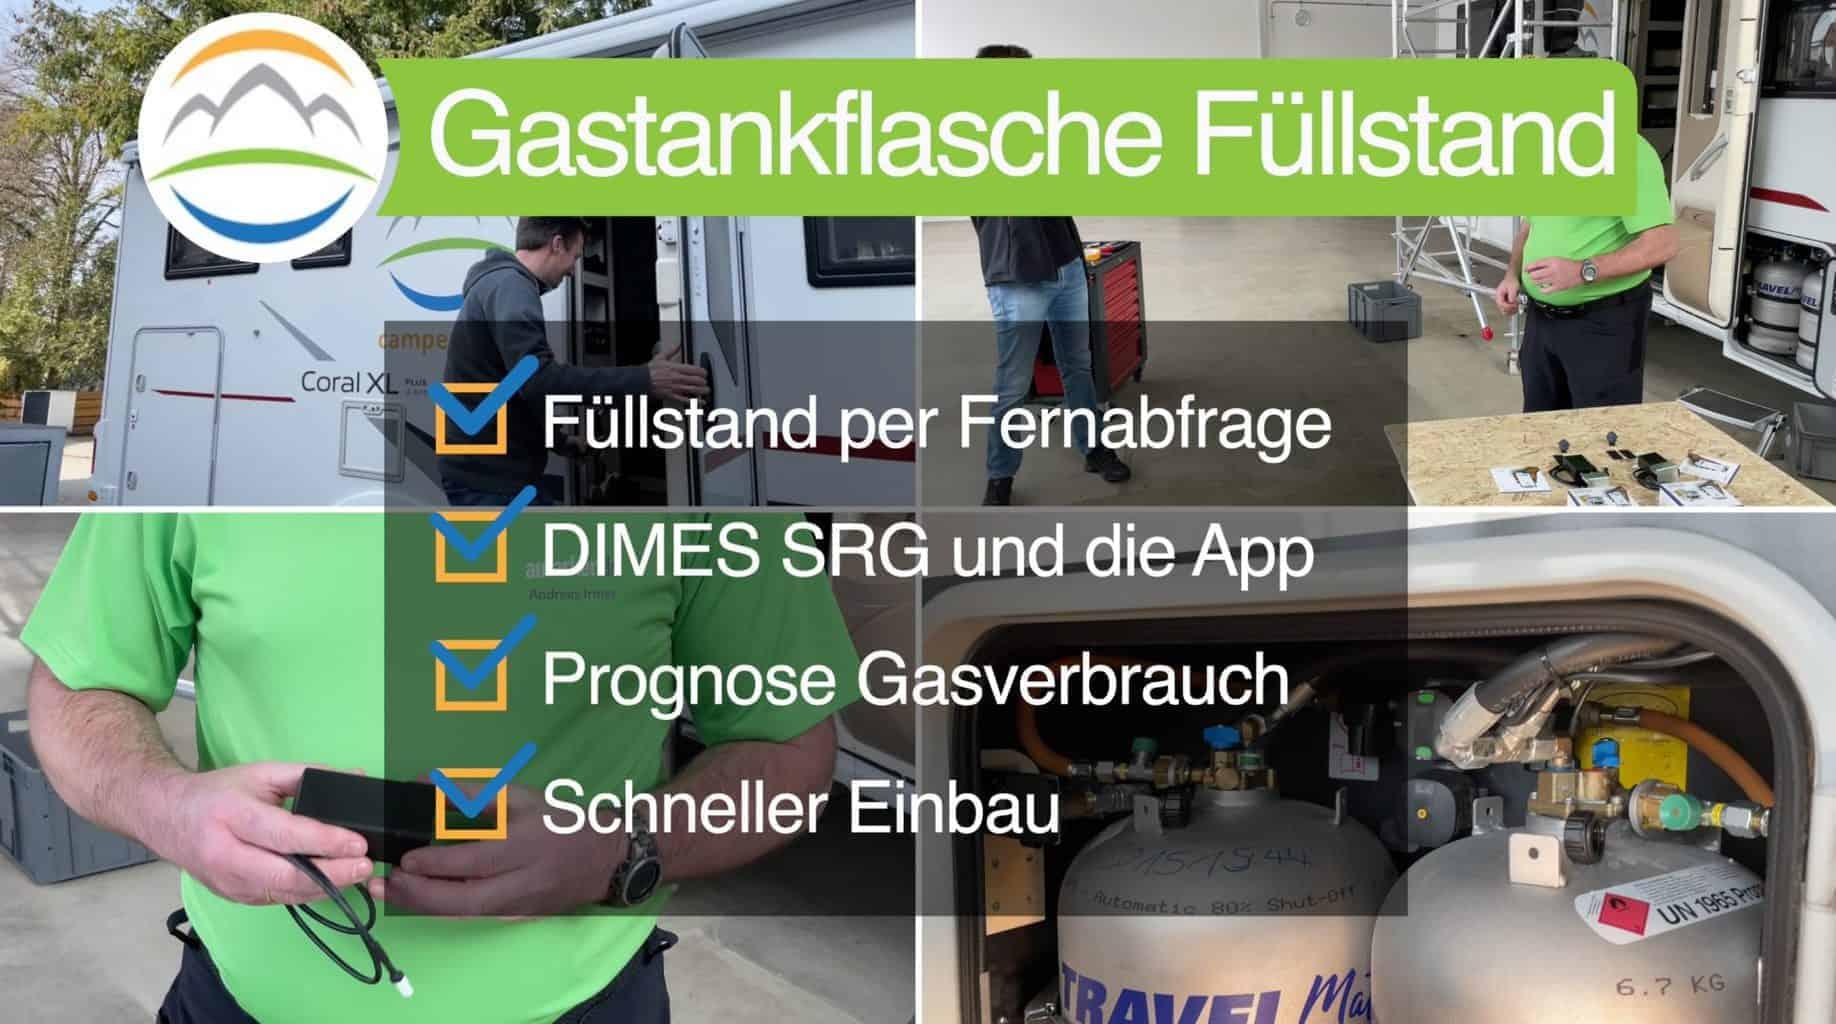 DIMES-SRG-Füllstand-Gastankflaschen-Überblick